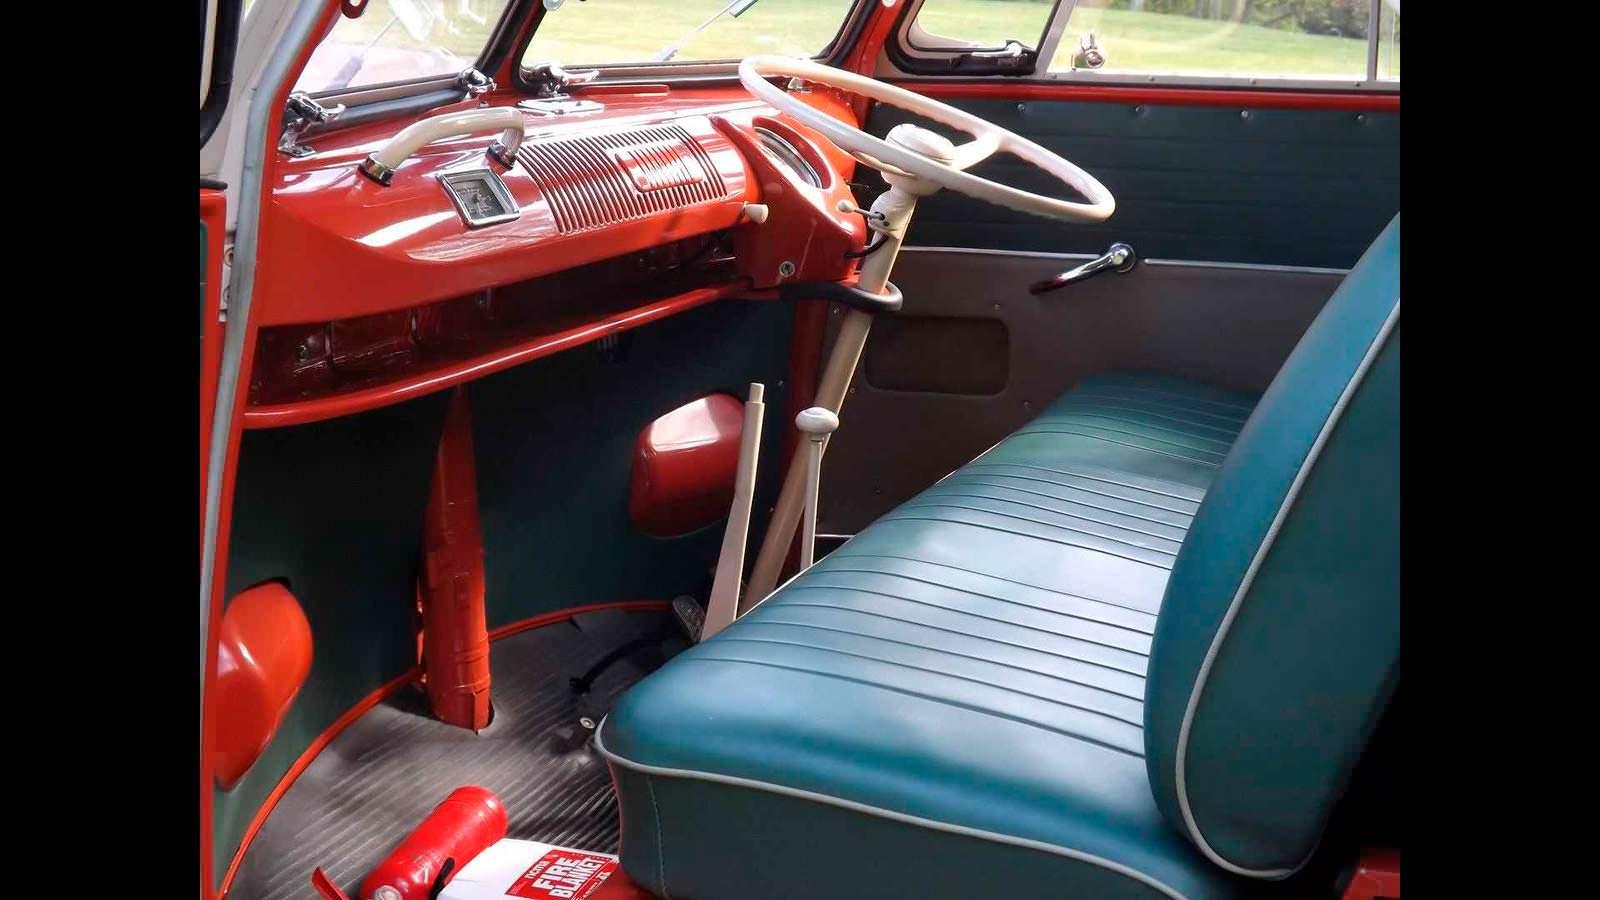 Оригинальный салон Volkswagen T1 Samba 1959 года выпуска